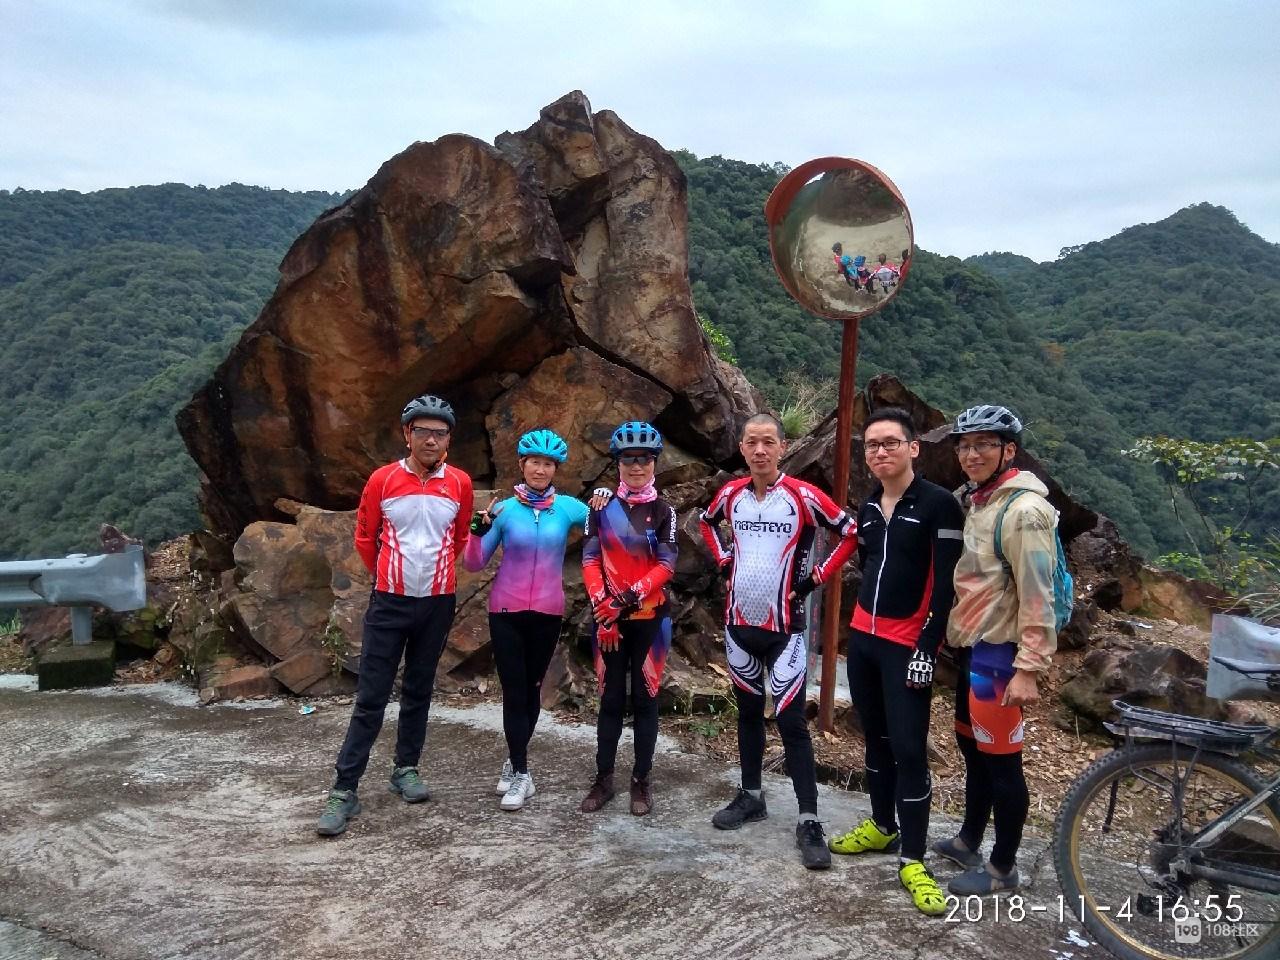 延平,顺昌,建瓯三地172公里骑游